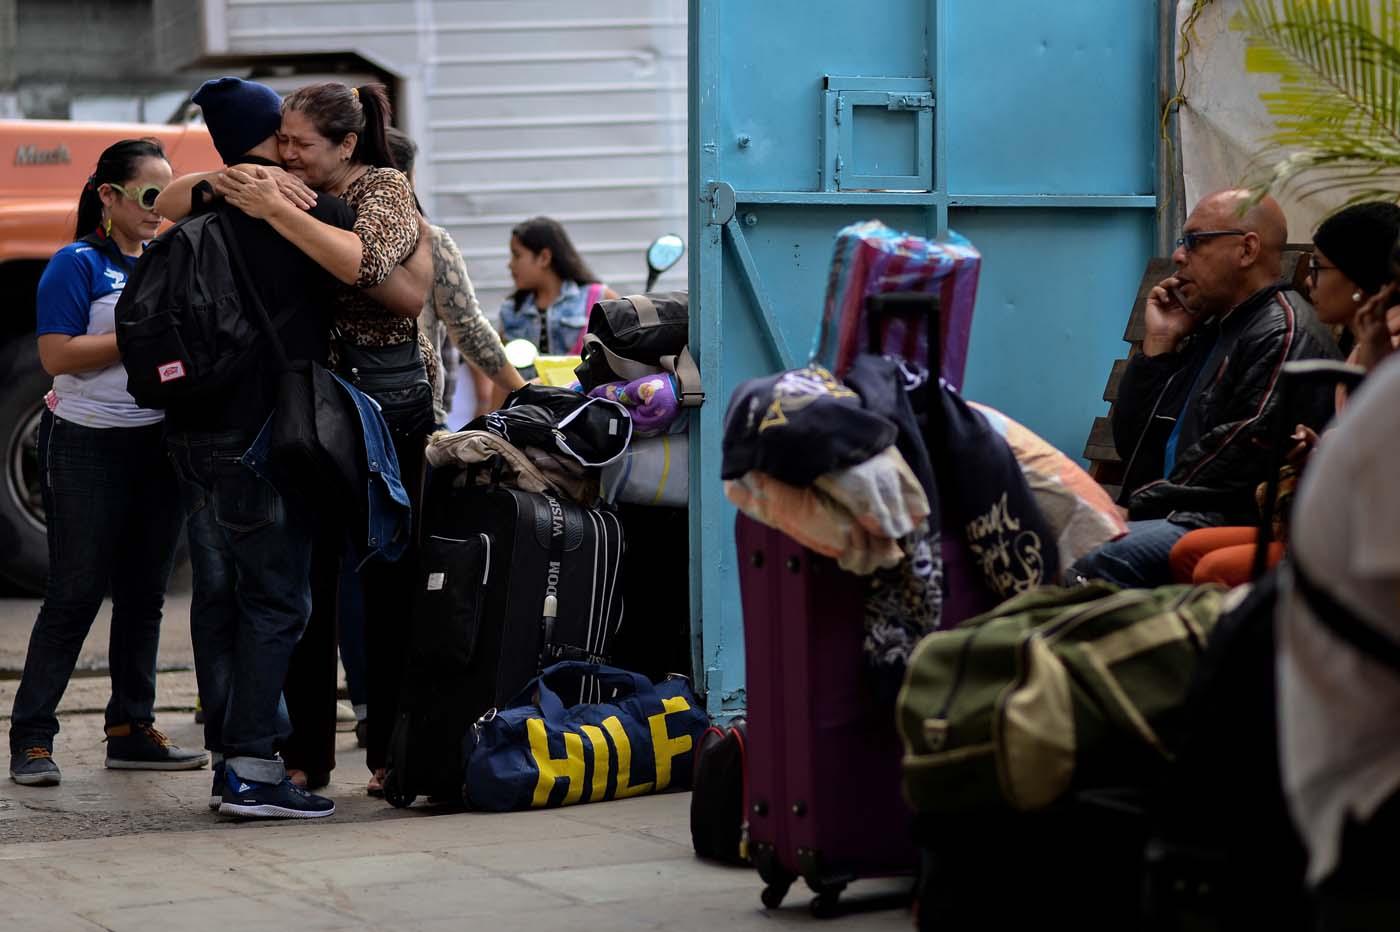 ¡Las puertas abiertas! Presidente de Chile seguirá apoyando a venezolanos emigrantes